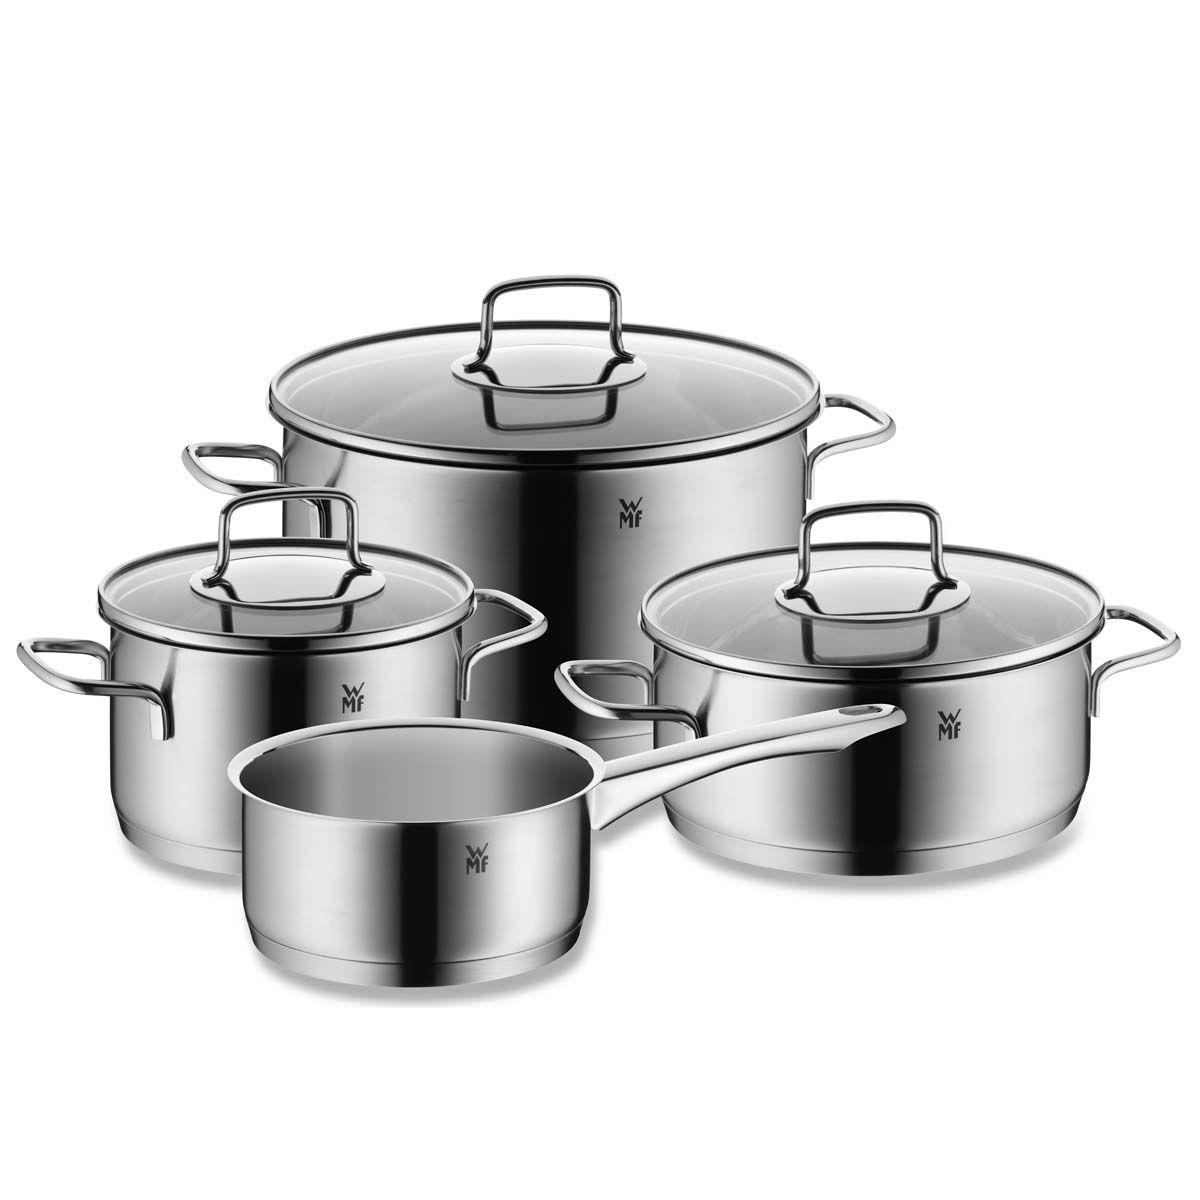 Онлайн каталог PROMENU: Набор кухонной посуды WMF Merano, 4 предмета (16 см х 2 л; 20 см х 3 л; 20 см х 3,7 л; 24 см х 6,5 л) WMF 07 8024 6330